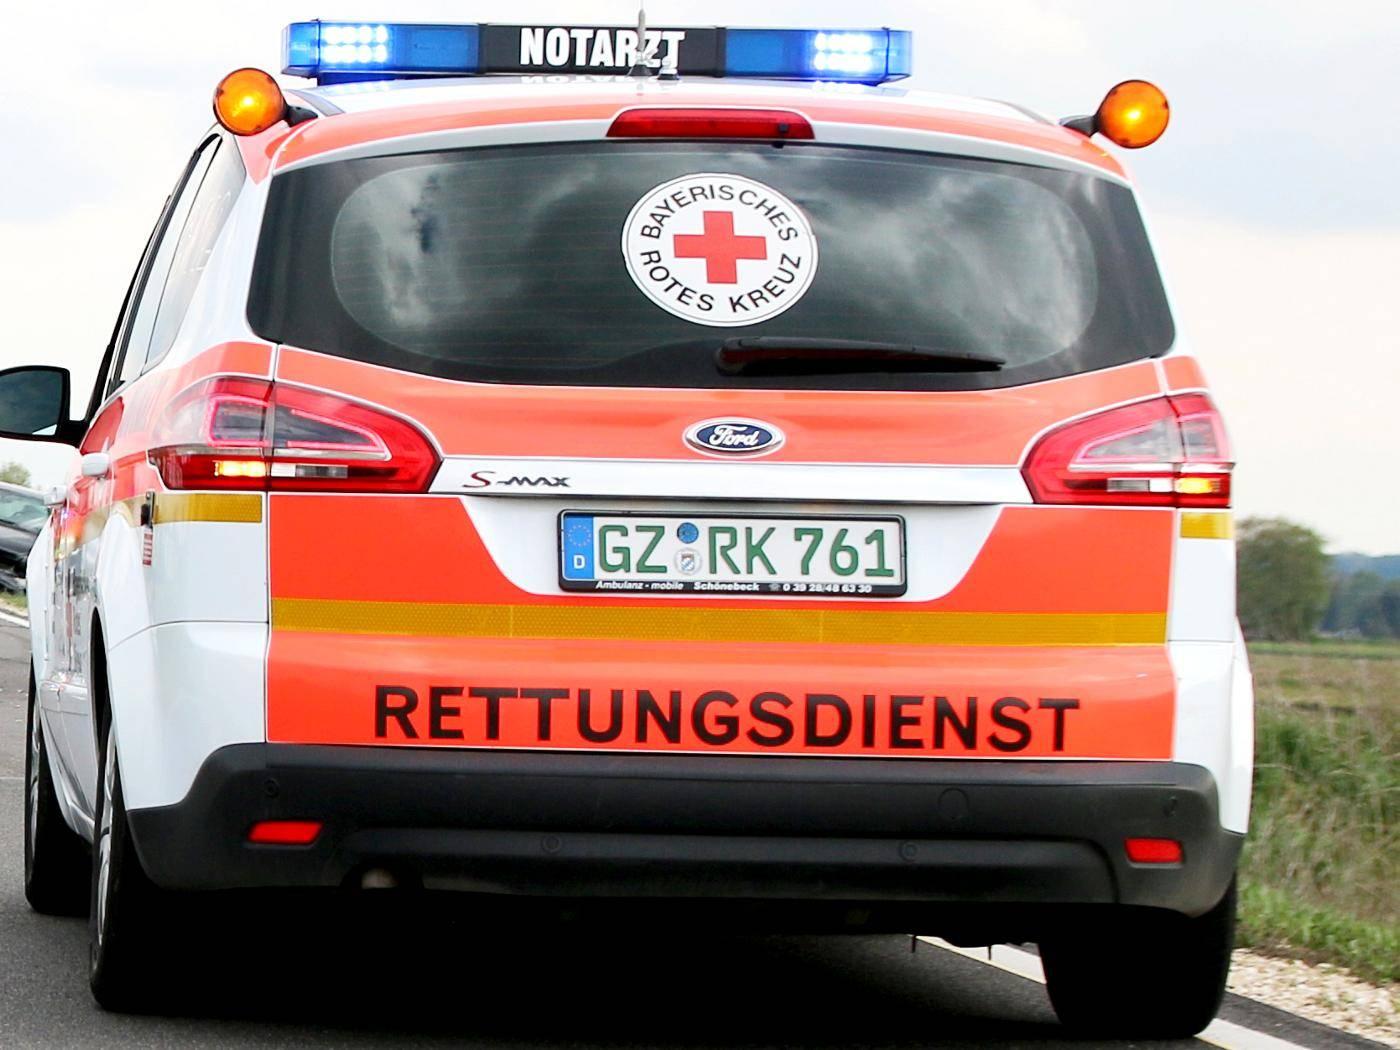 NEF Günzburg, Bsaktuell, Nachrichten, Notarzt, BRK Günzburg